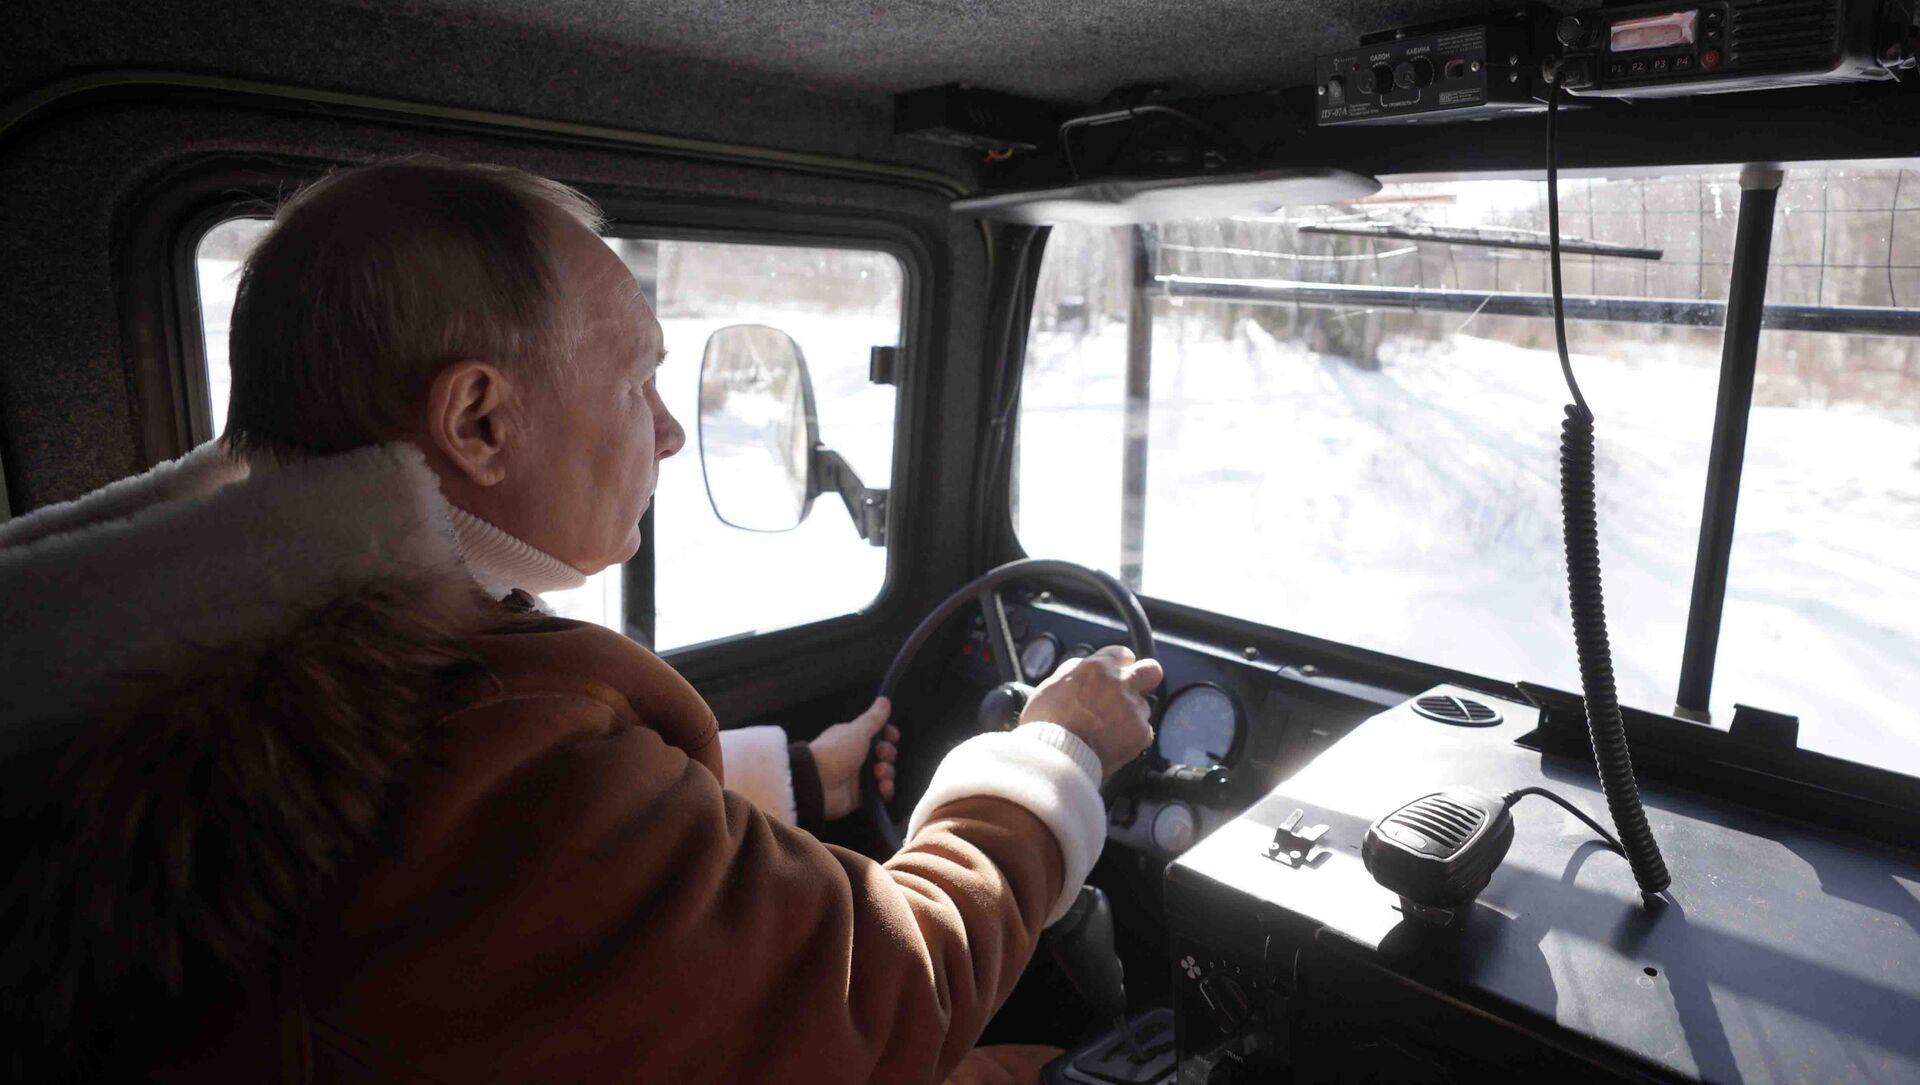 Tổng thống Nga Vladimir Putin lái xe địa hình khi đi dạo trong rừng taiga. - Sputnik Việt Nam, 1920, 22.03.2021